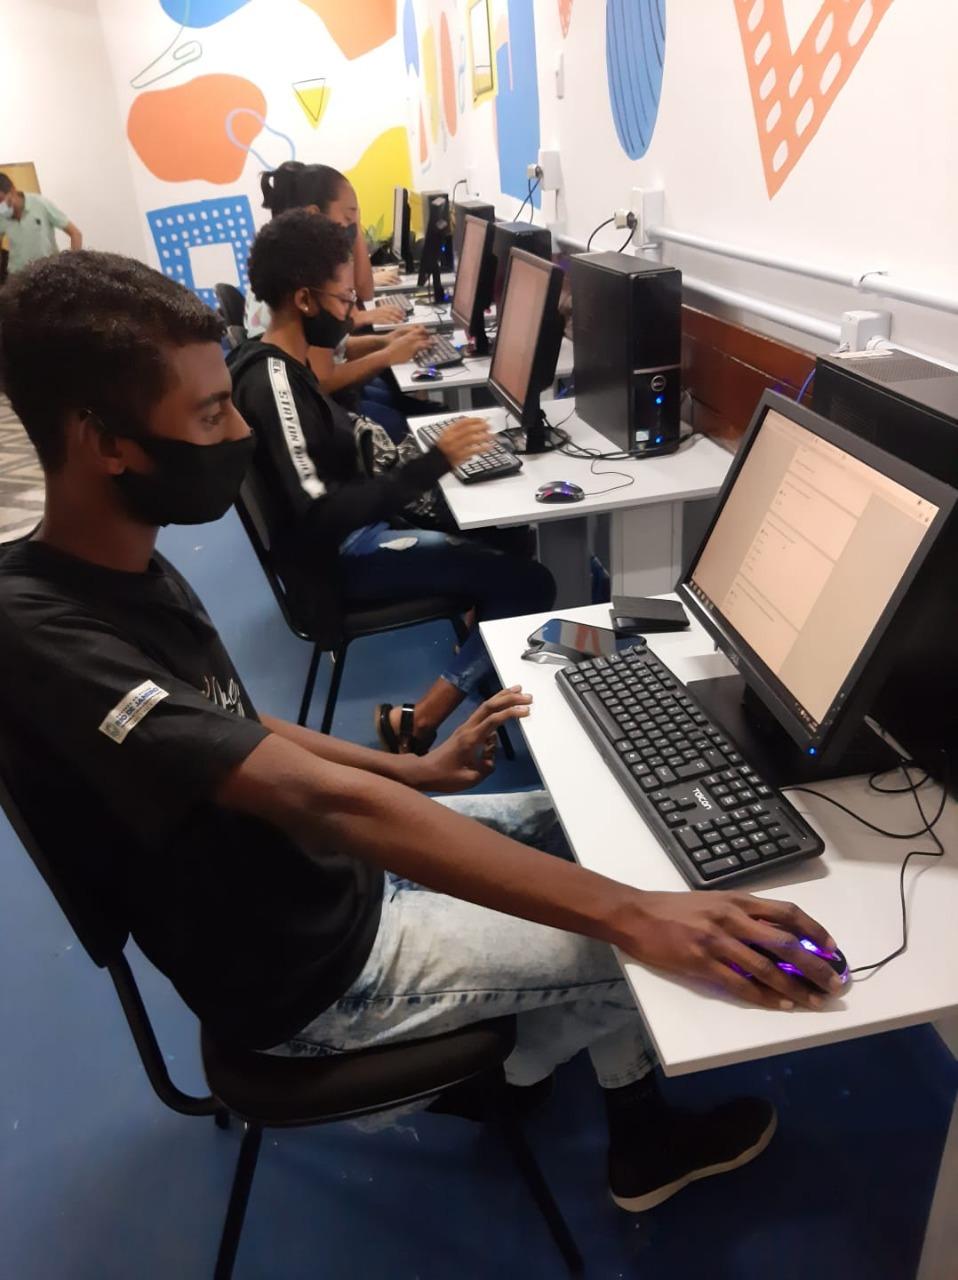 Imagem de alunos em uma laboratório de informática